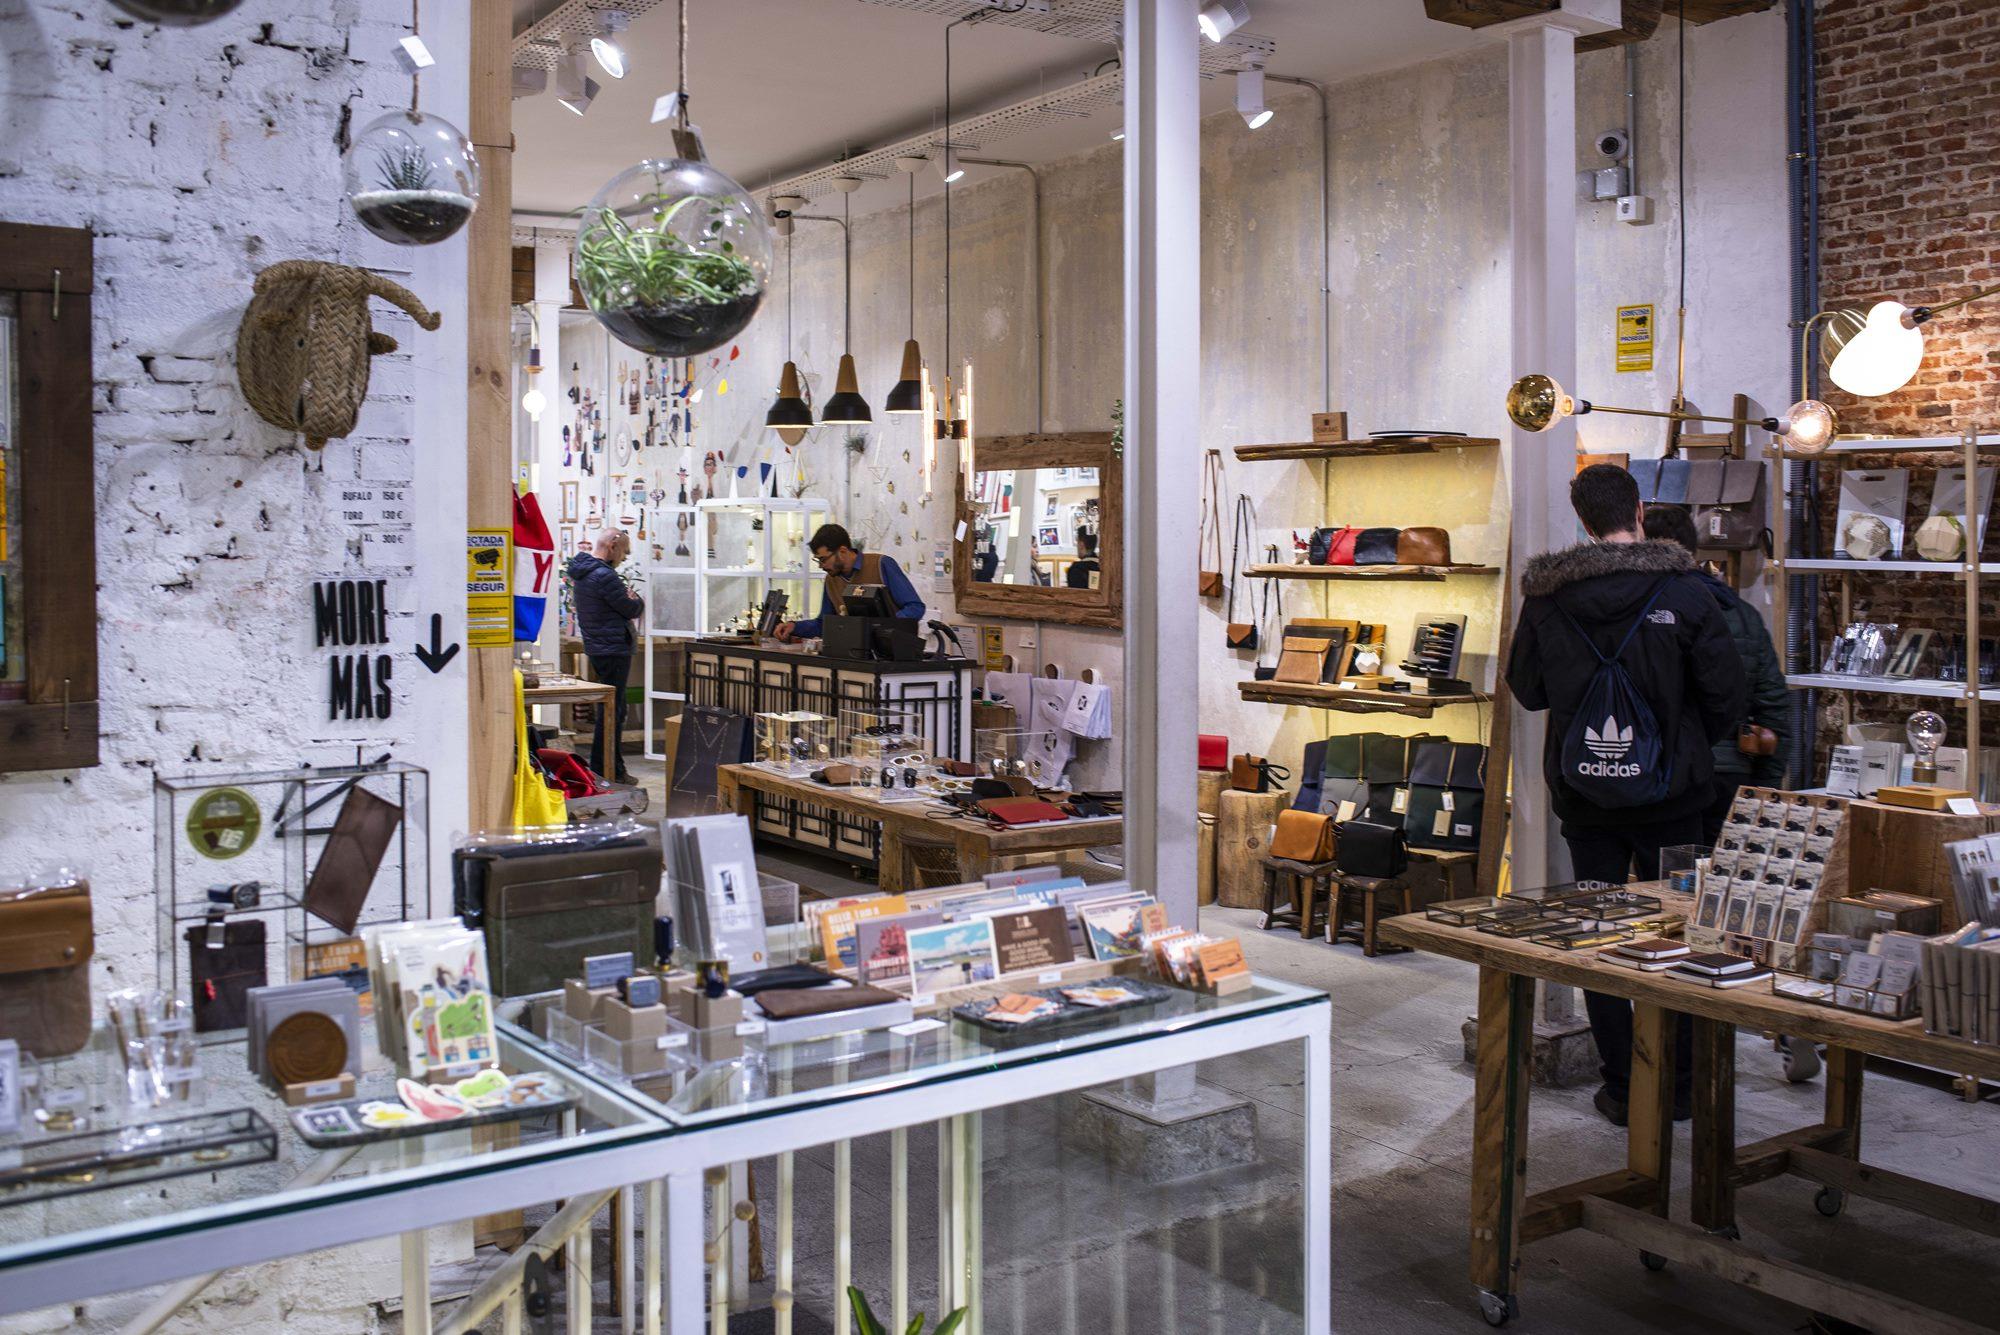 Decoración, artesanía y material de oficina de diseño en El Moderno.